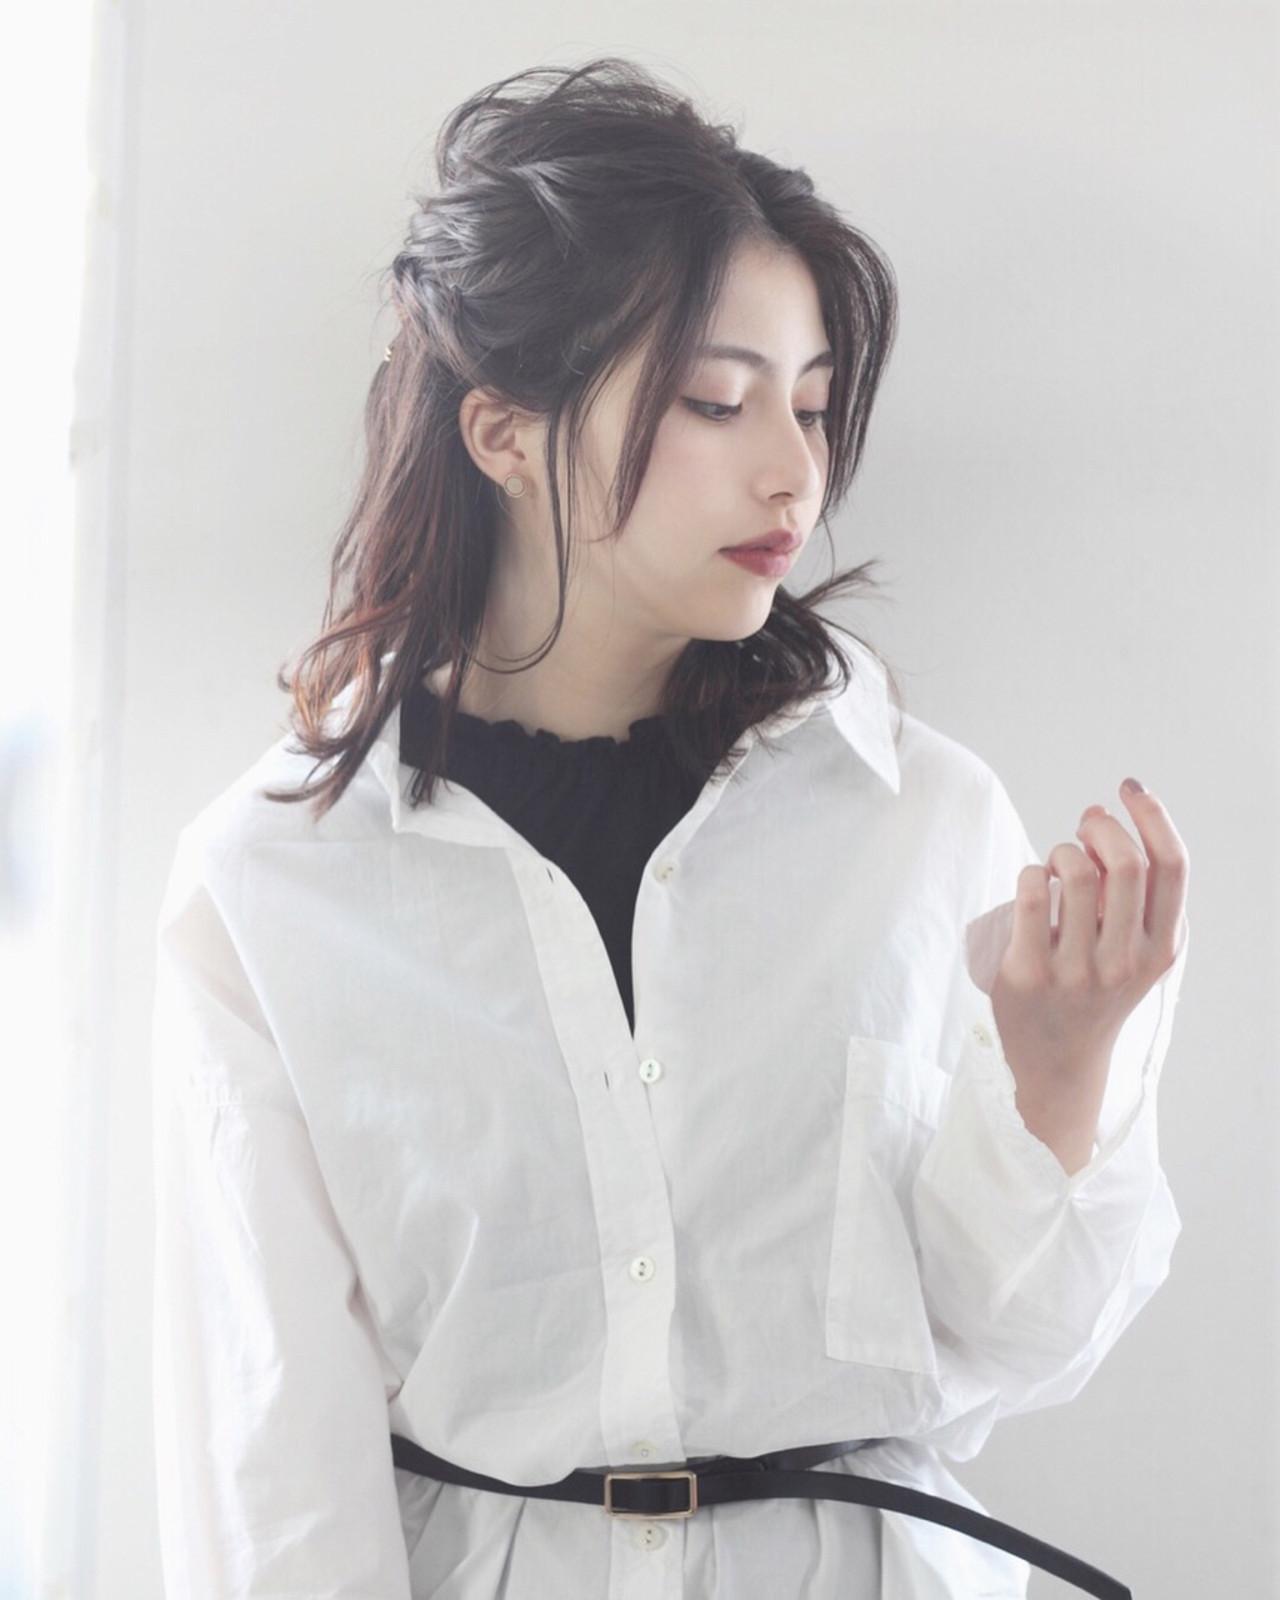 ハーフアップで女の子らしく仕上げて mod's hair/sasaki ayumi